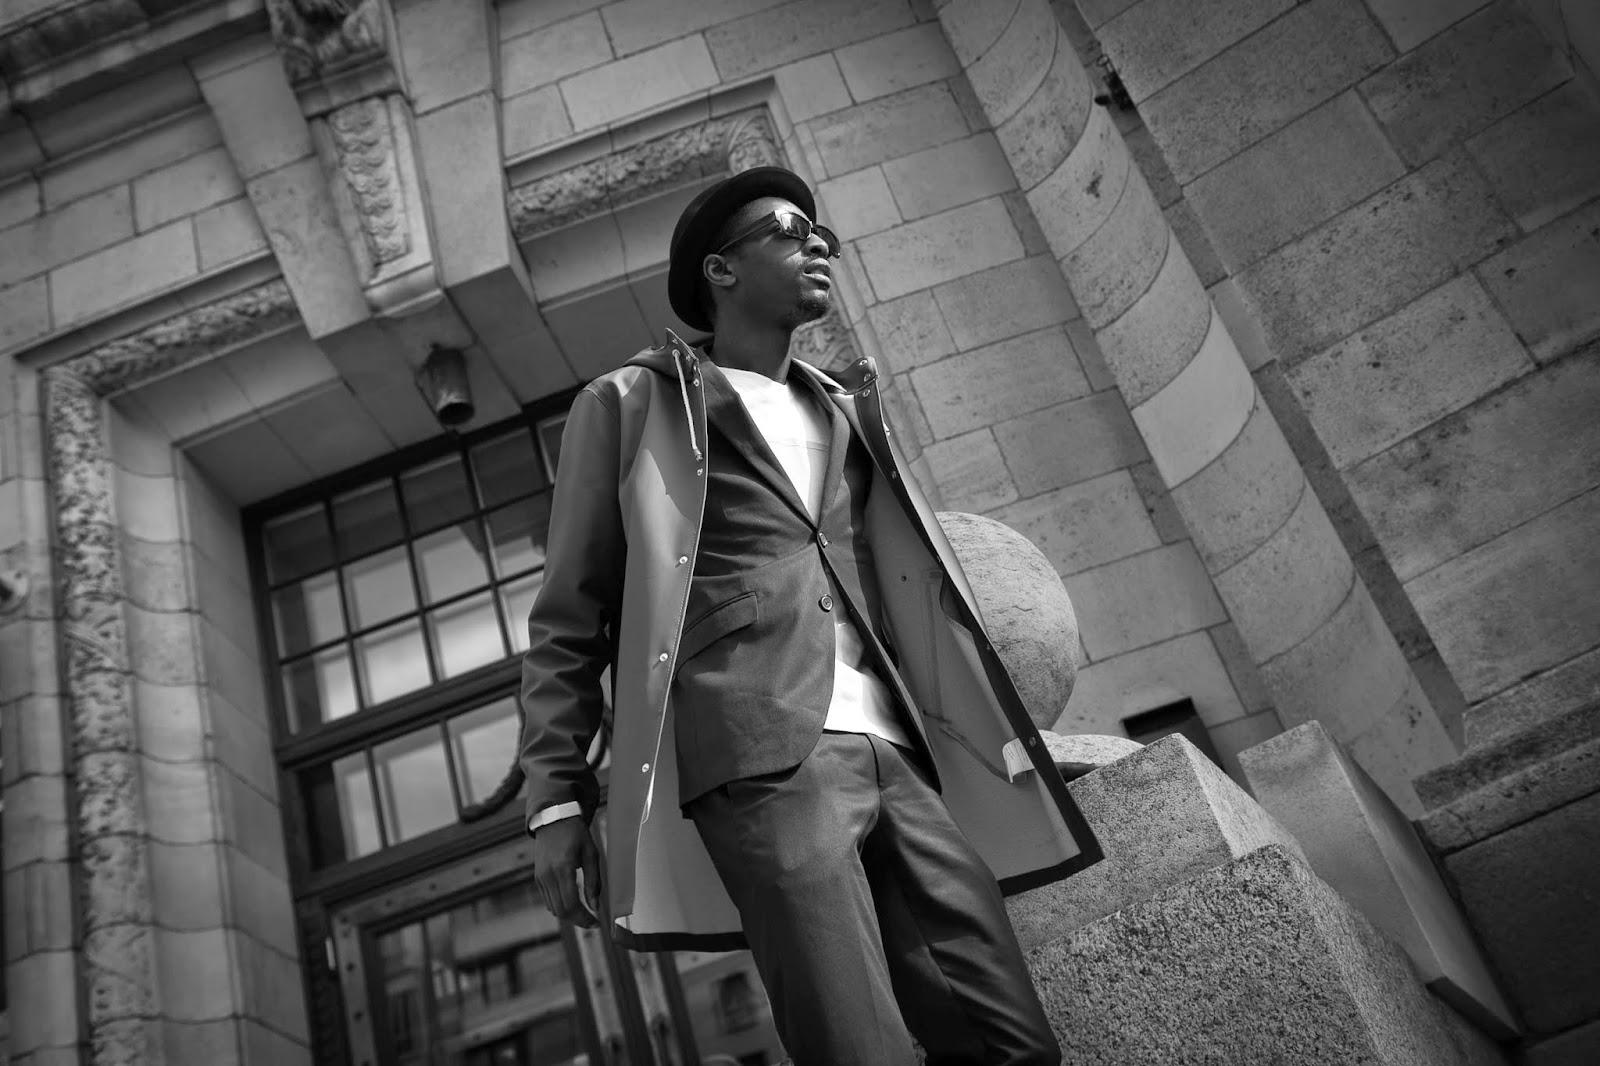 Espionage editorial suits sunglasses l'homme rouge stutterheim raincoat